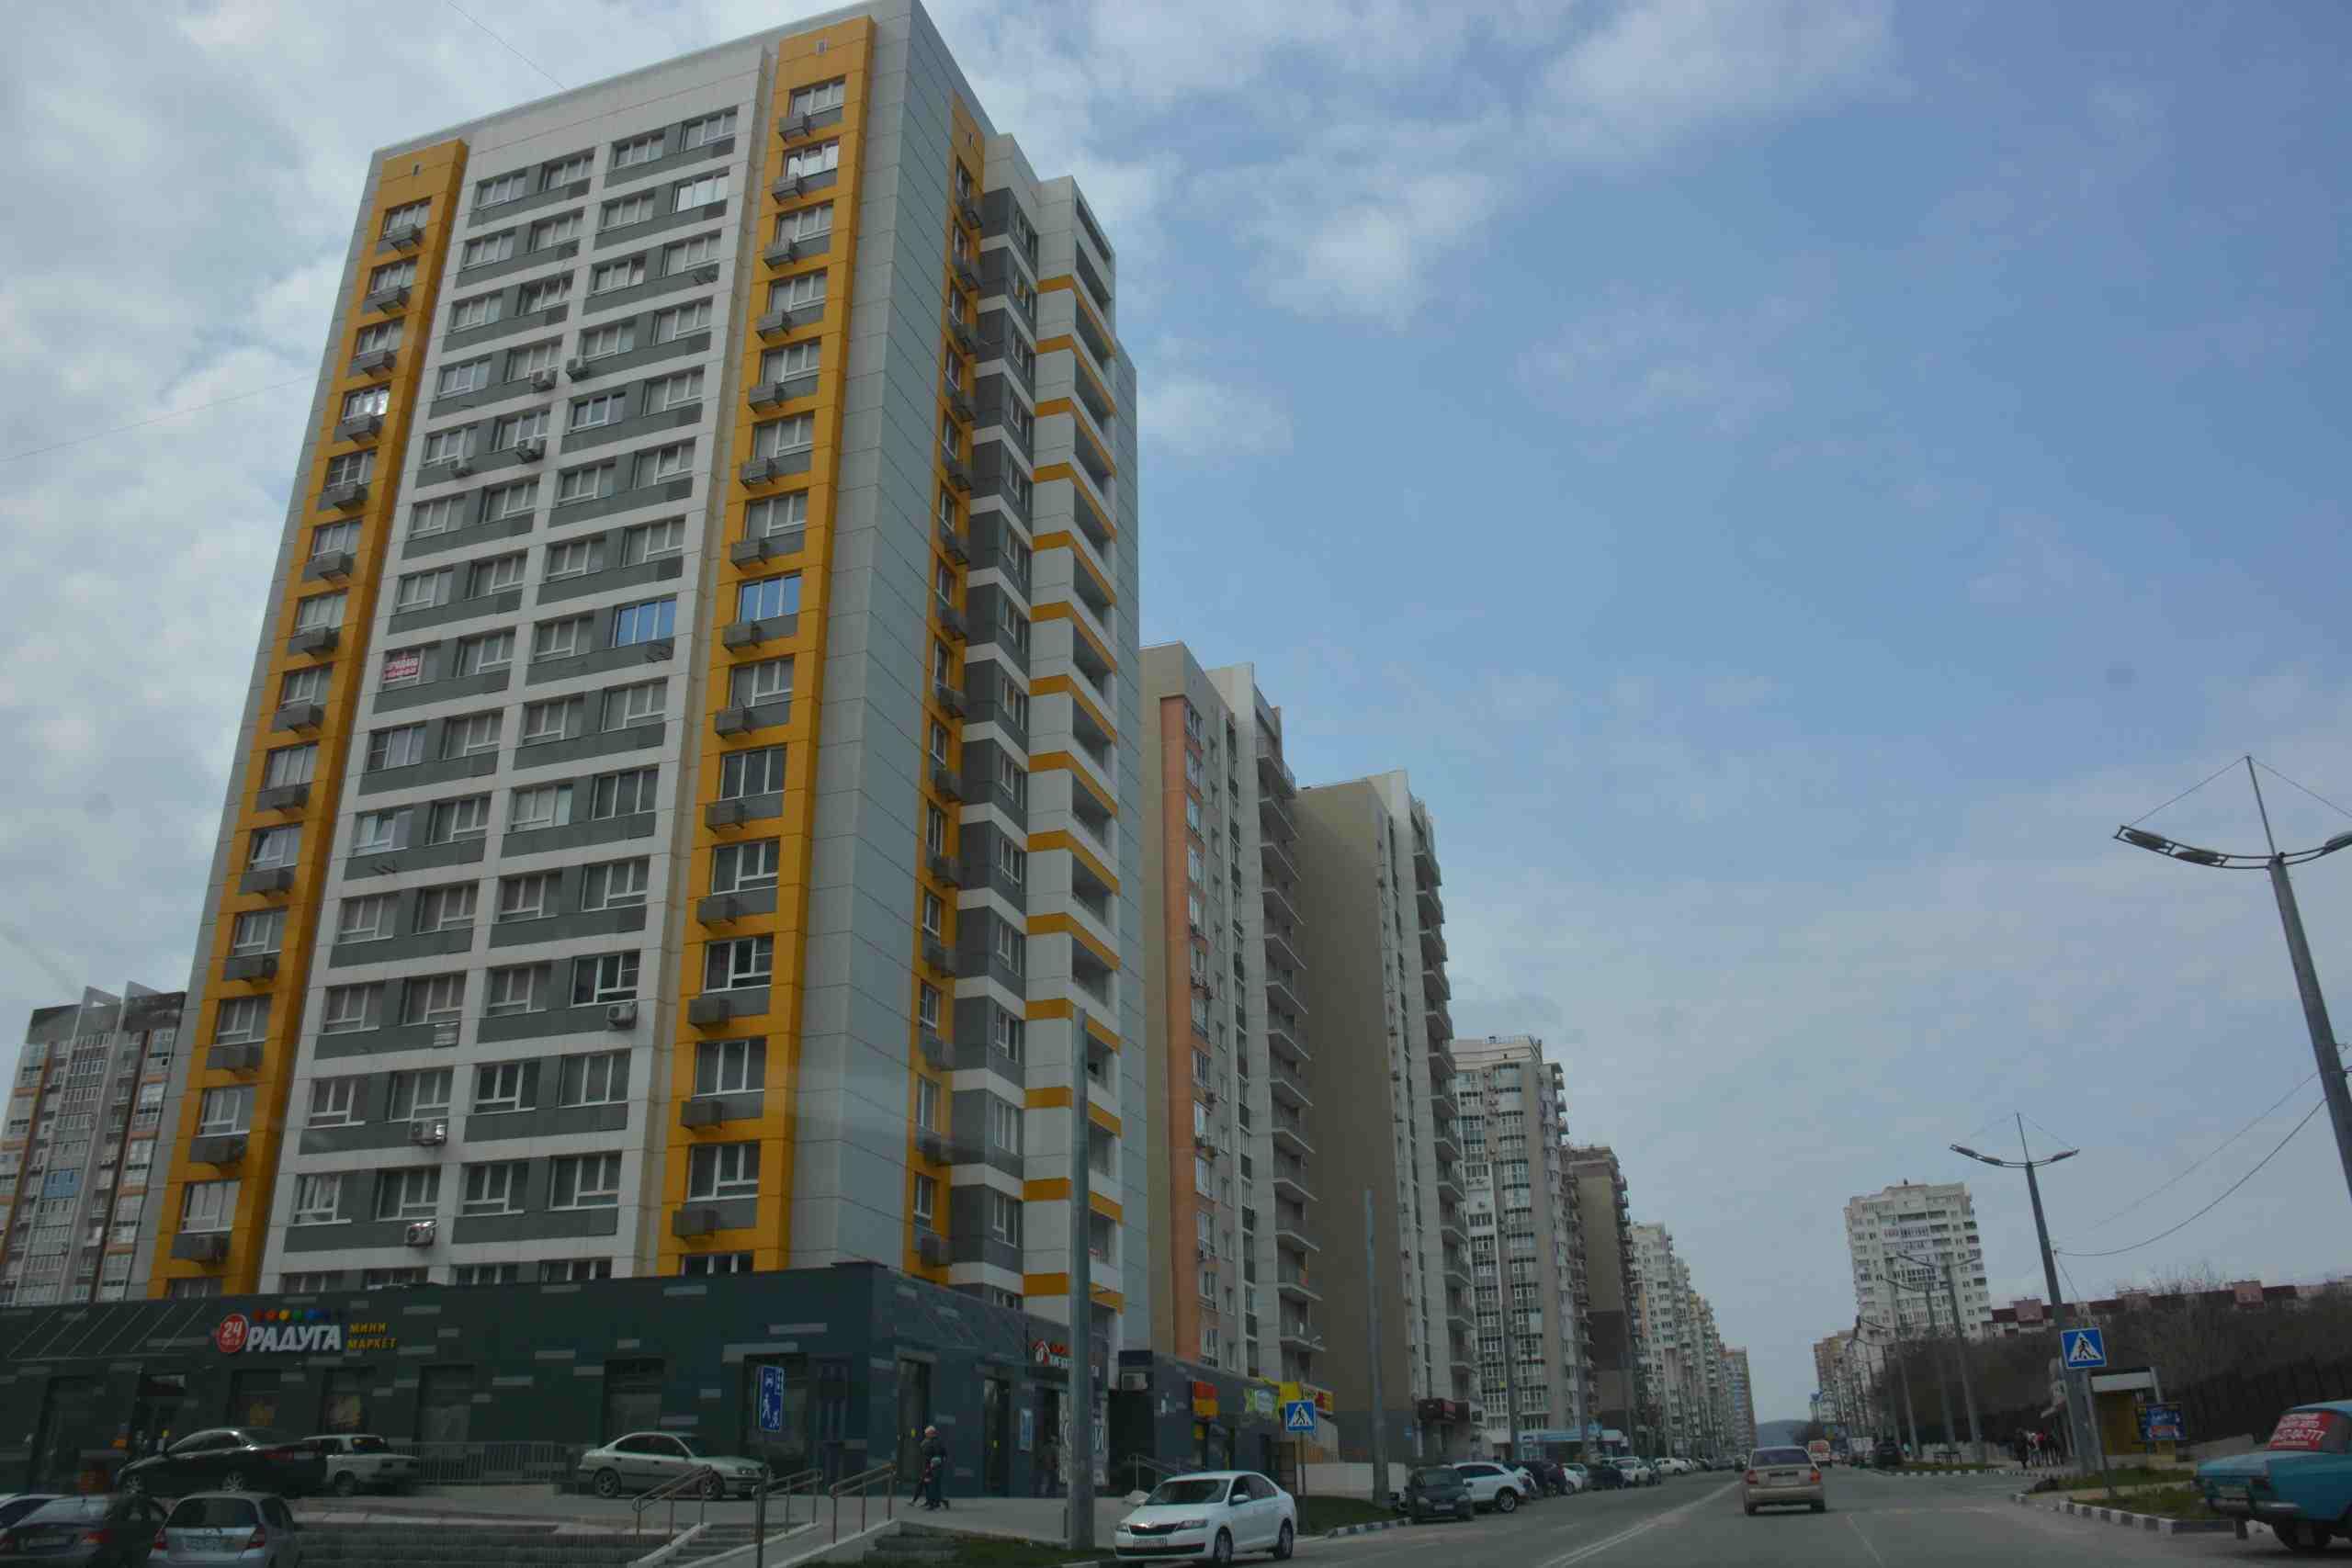 Почему в Новороссийске «квадраты» такие дорогие и нельзя ли ввести мораторий для приезжающих?